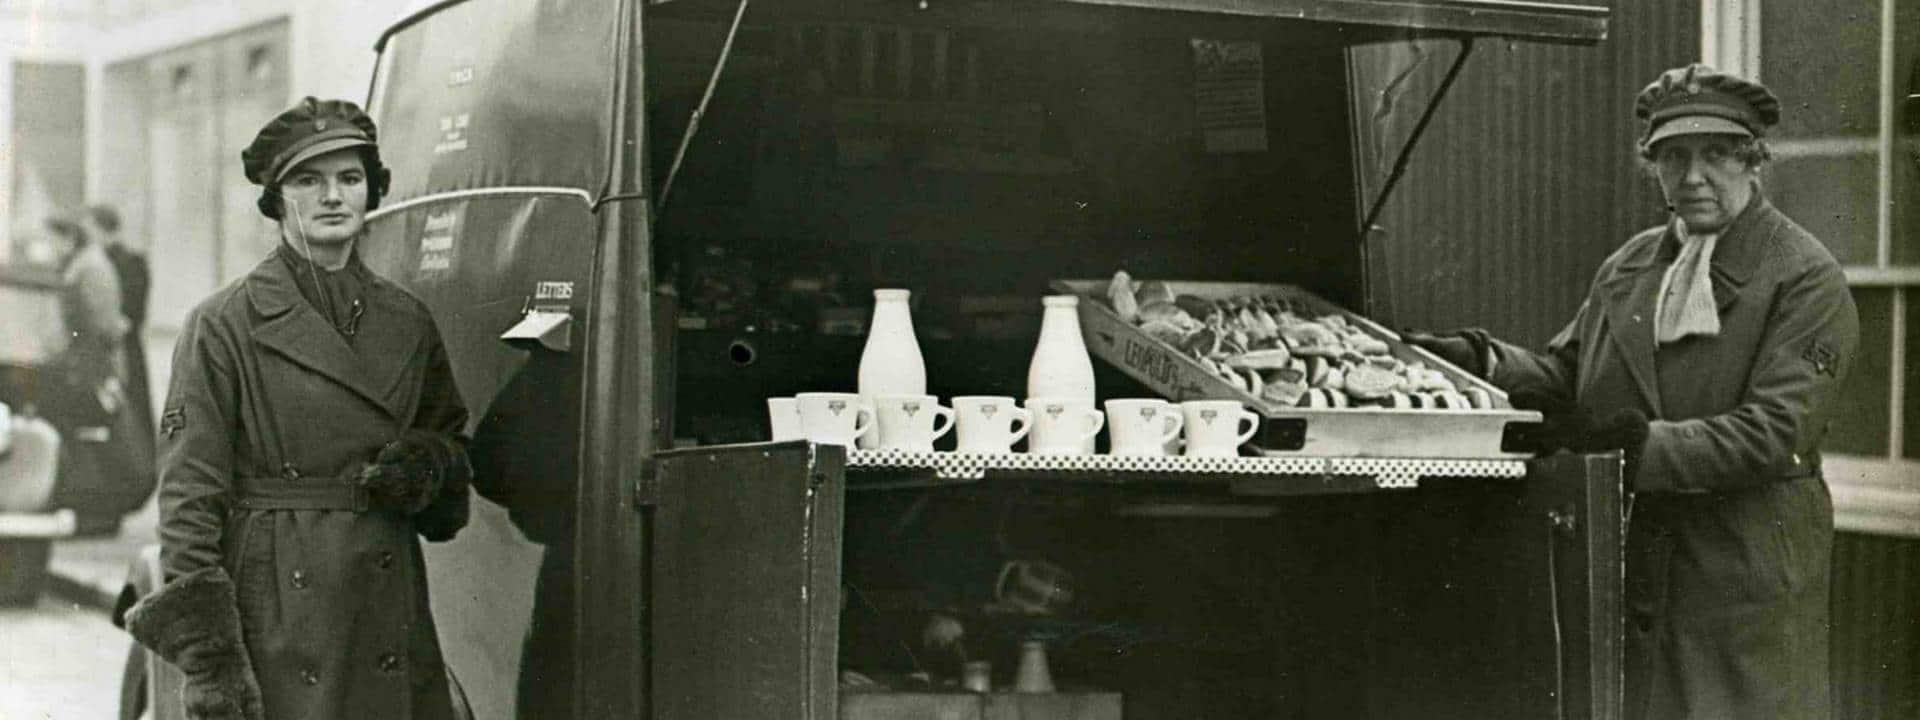 WWIIYMCAMUGS.jpg